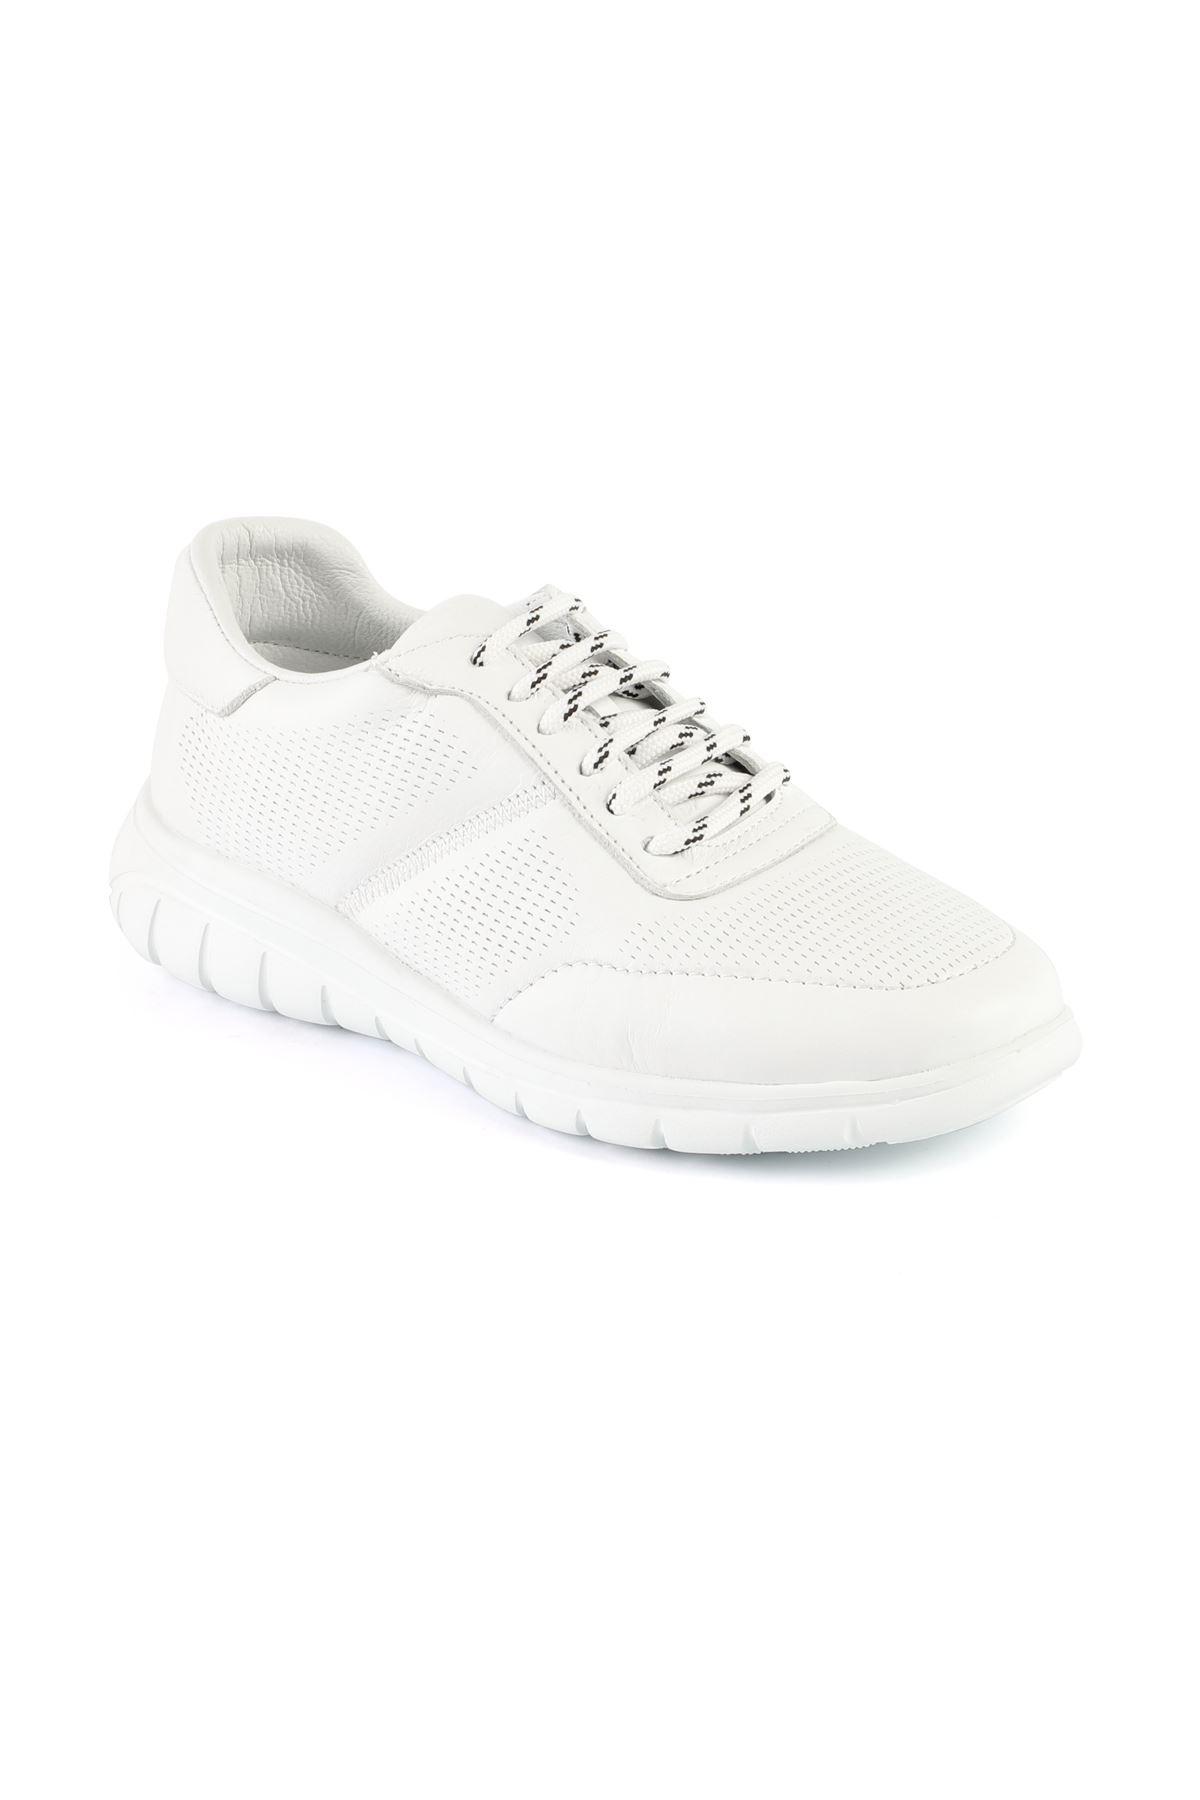 Libero LZ3414 Beyaz Spor Ayakkabı